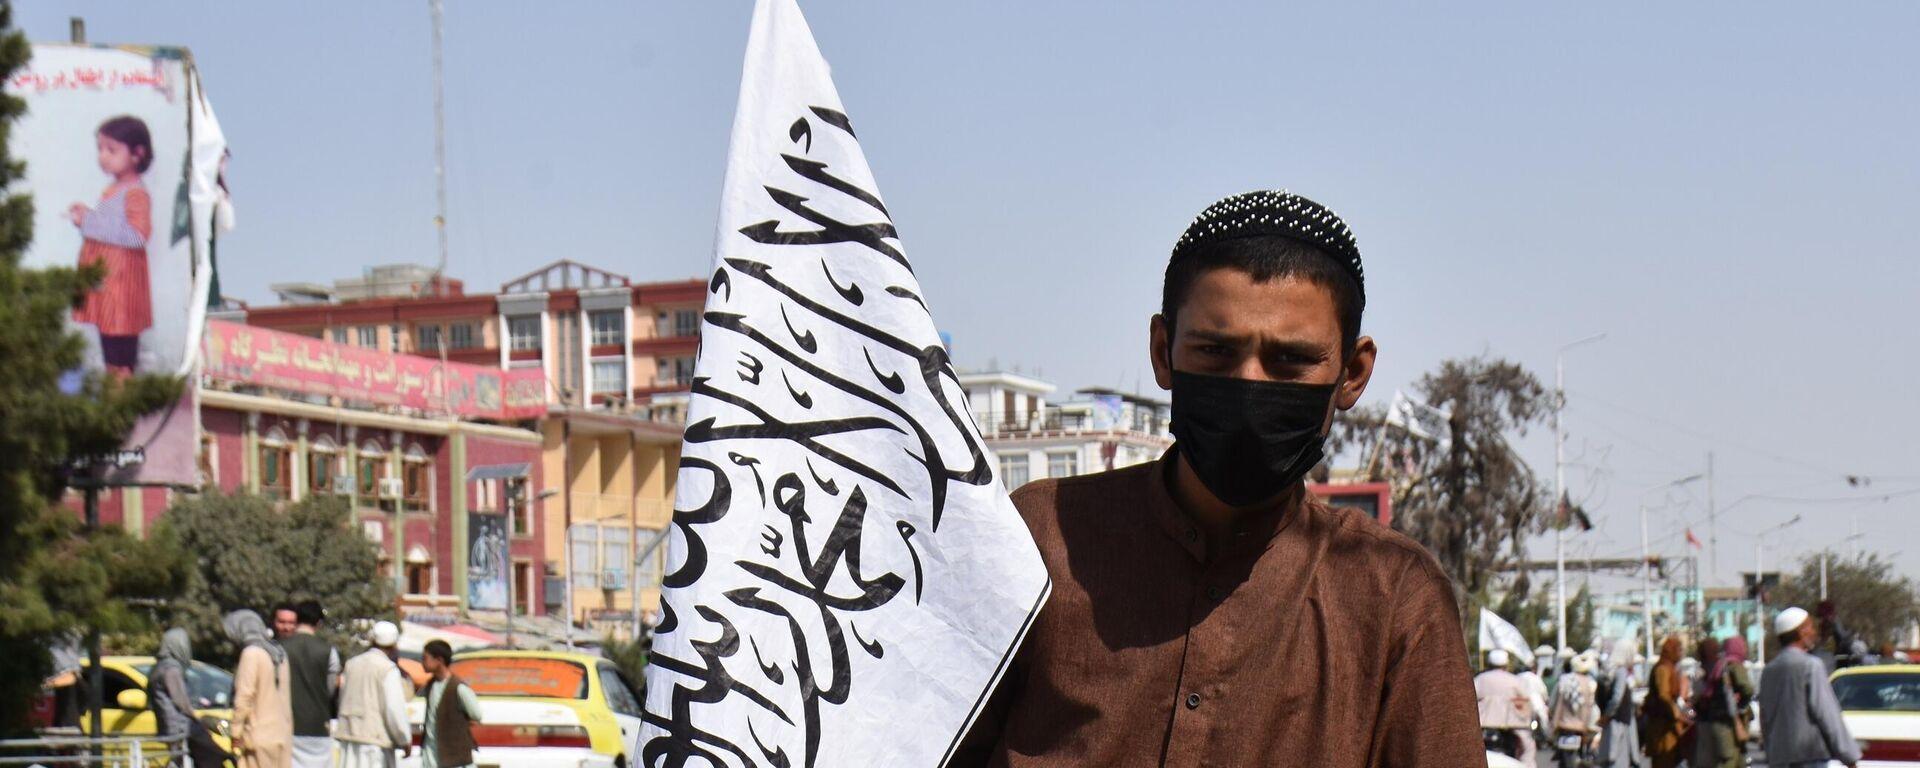 Мазари-Шариф под контролем запрещенного в РФ Талибана - Sputnik Таджикистан, 1920, 09.09.2021